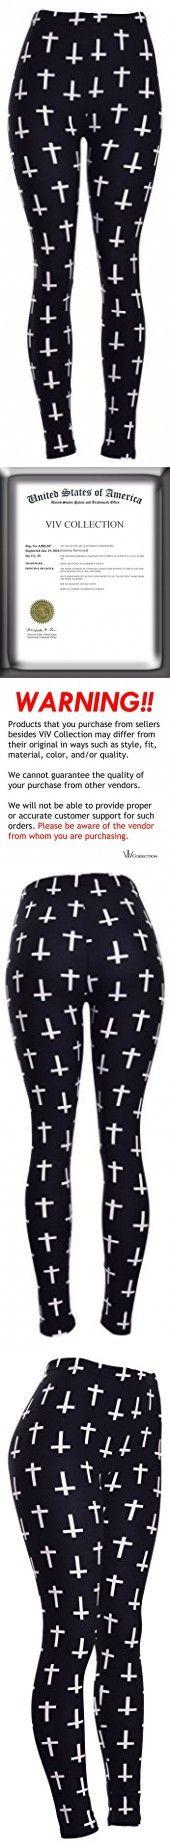 PLUS SIZE Printed Leggings (Mini White Crosses on Black)